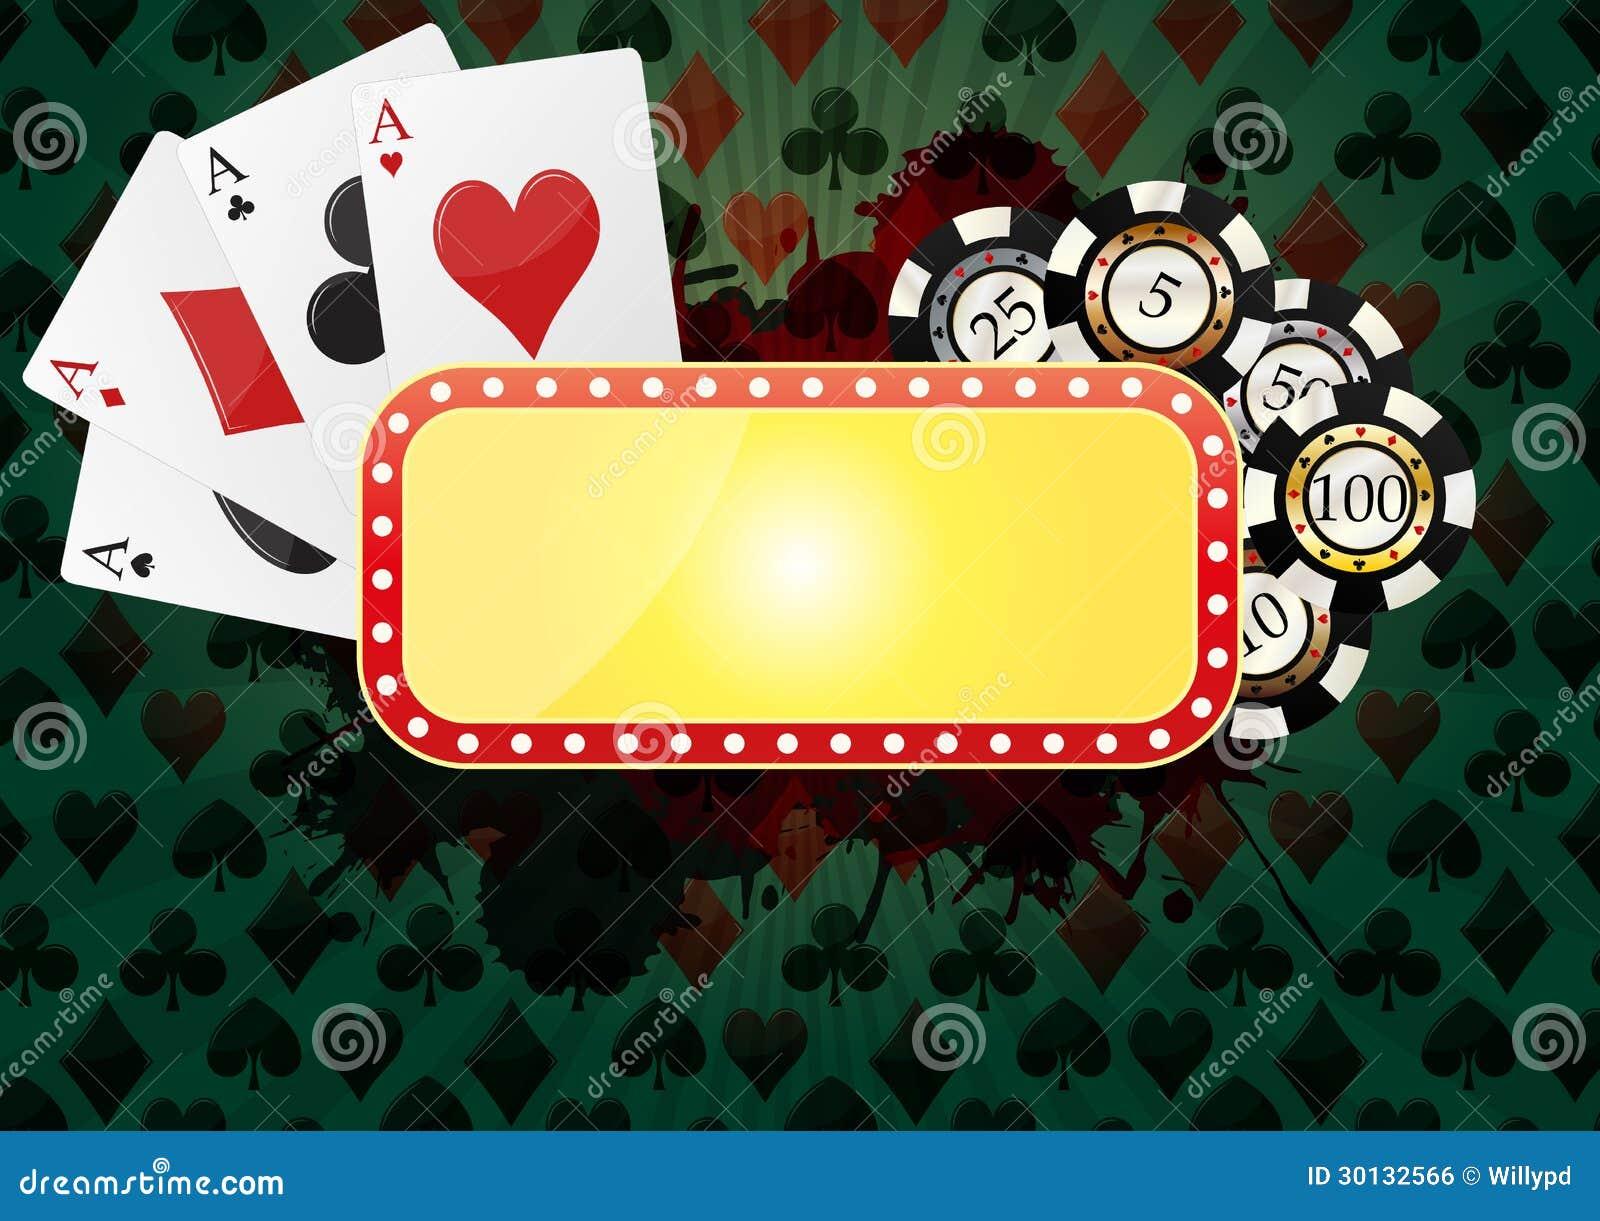 Las Vegas Banner Royalty Free Stock Image - Image: 30132566